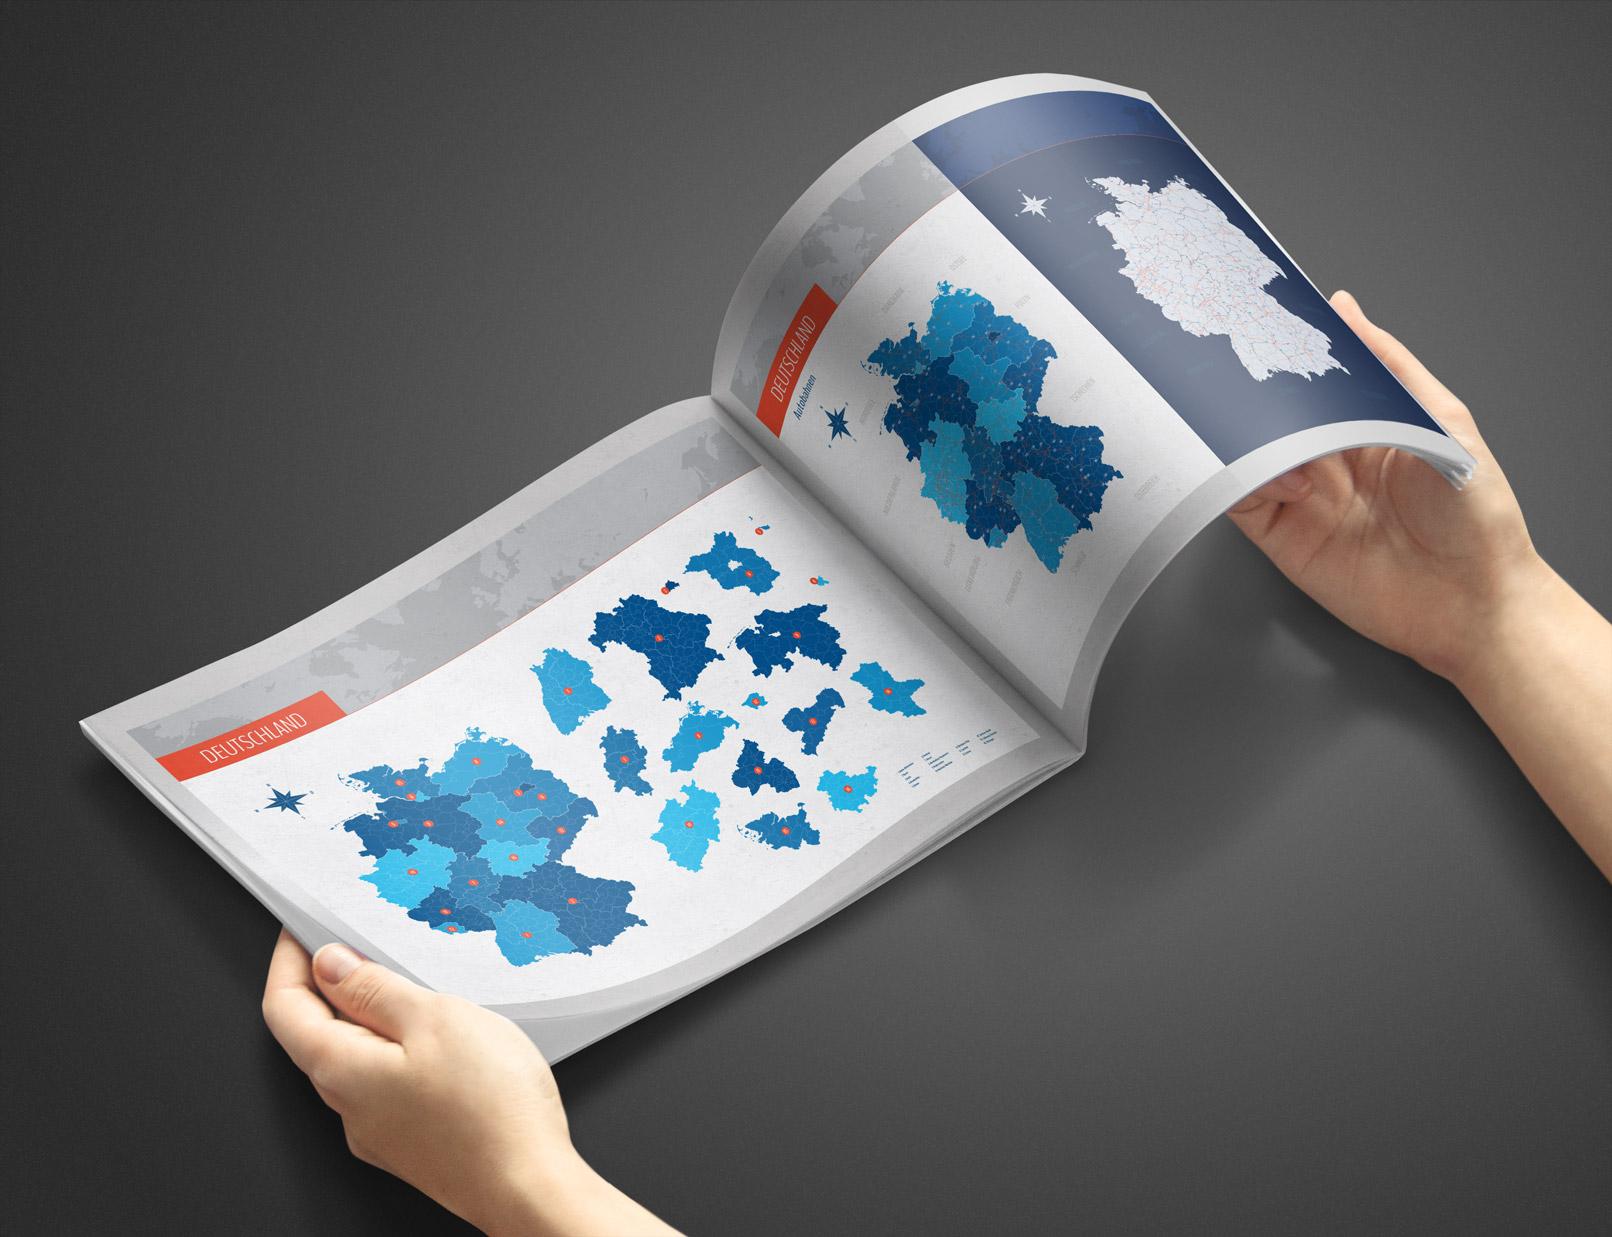 Deutschlandkarte mit Bundesländern in einer Broschüre